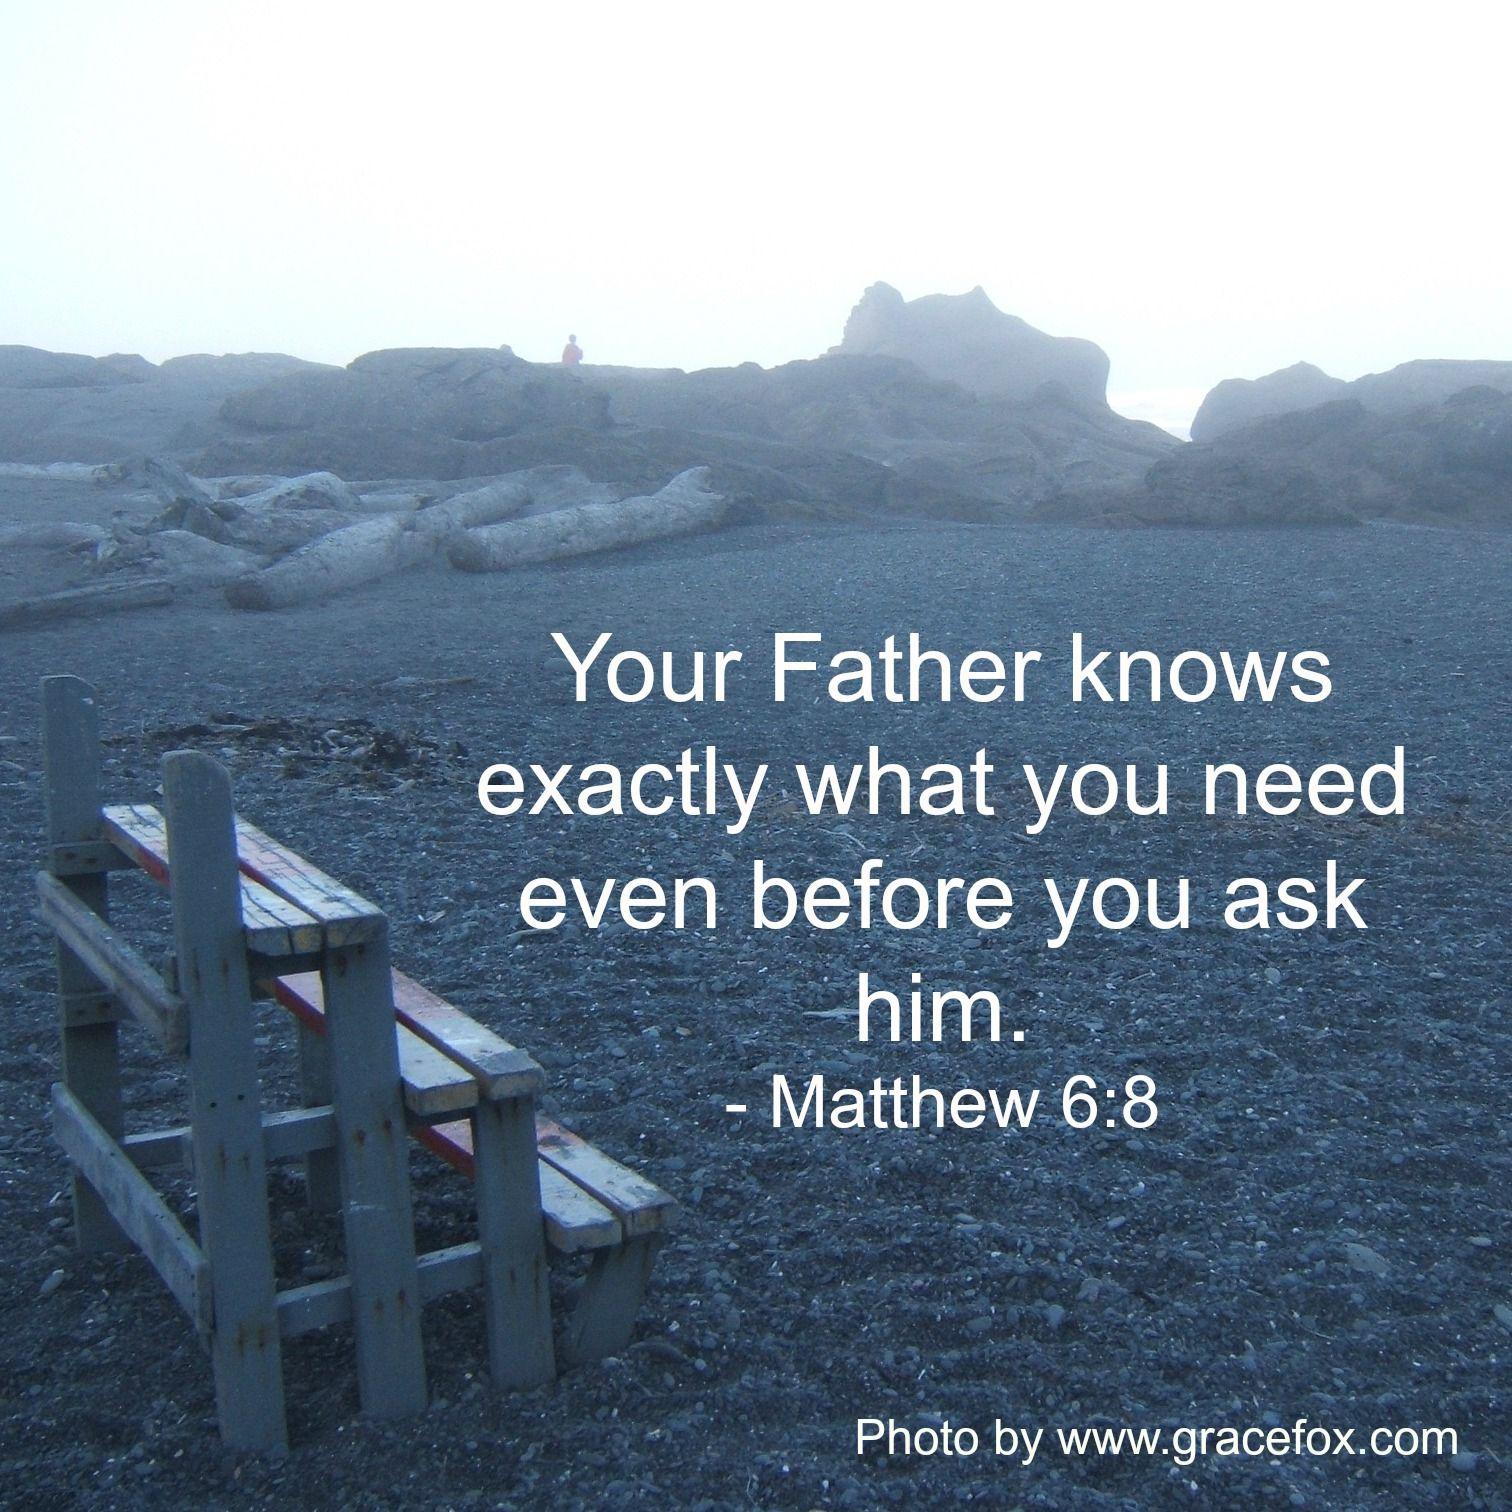 Hasil gambar untuk matthew 6:8